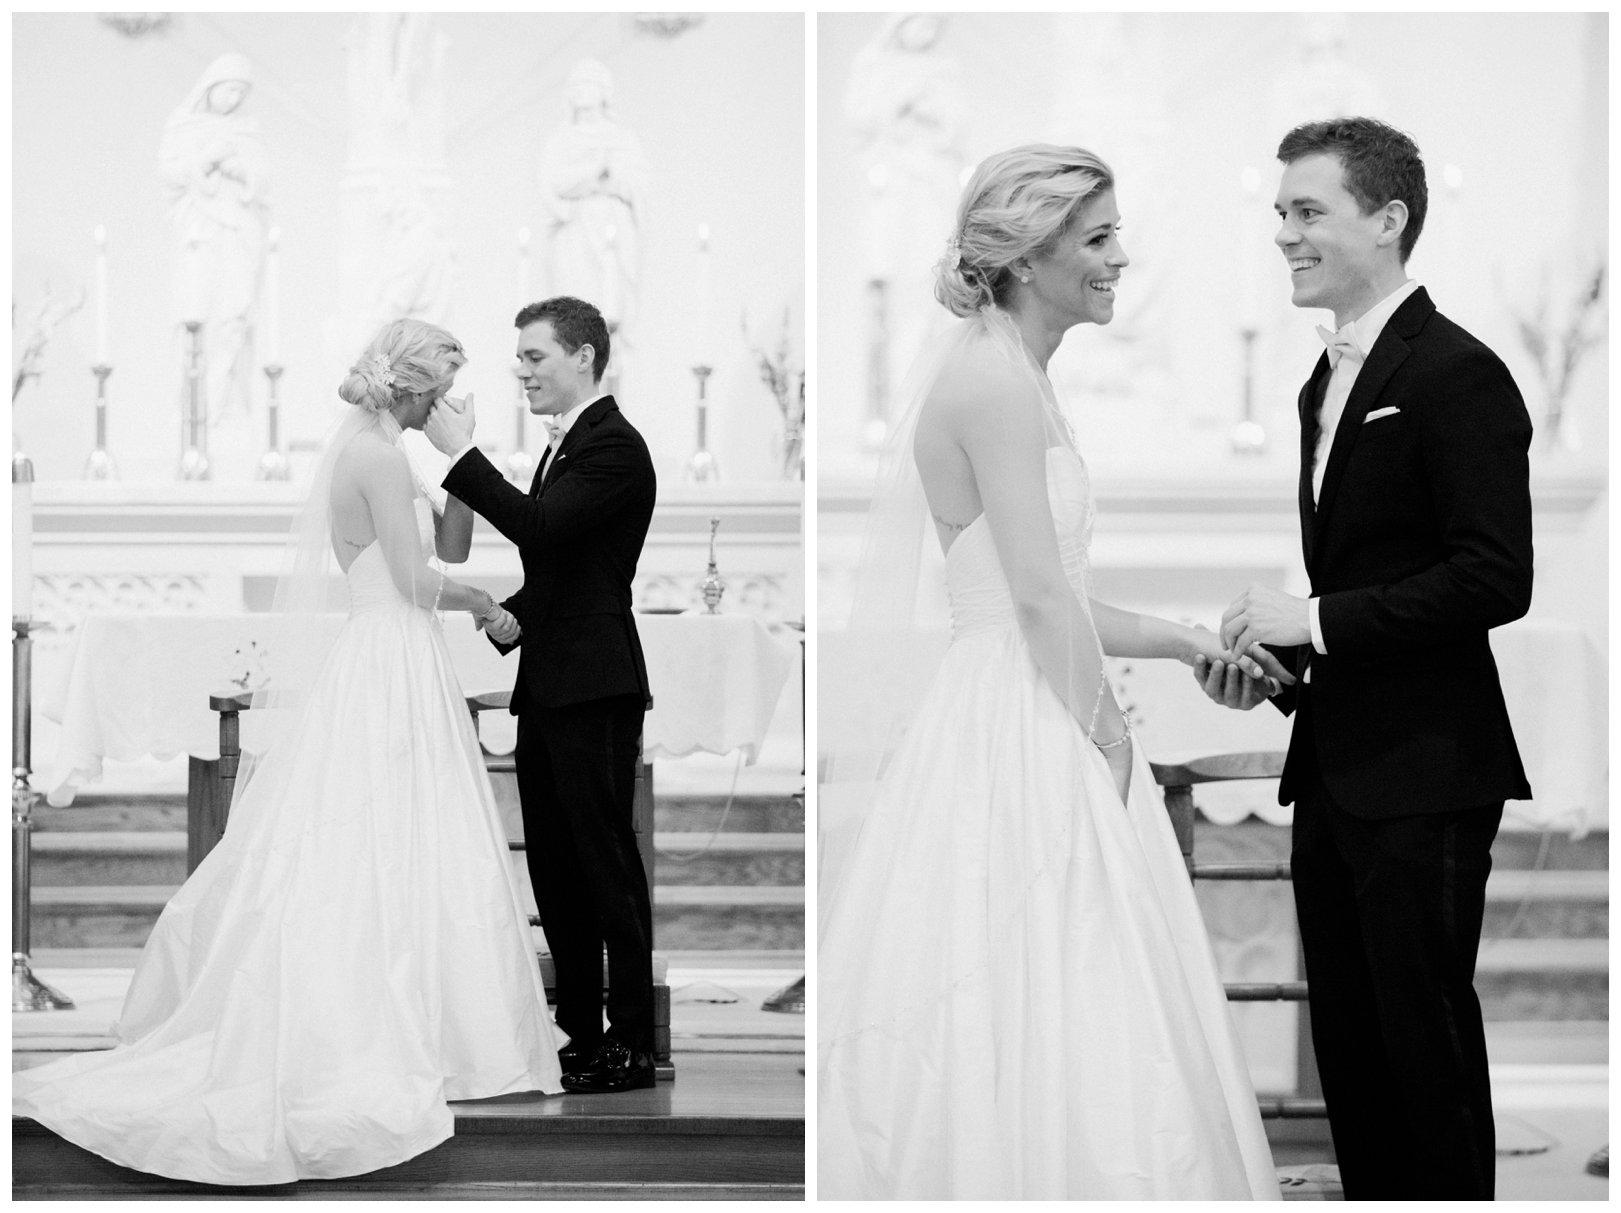 lauren muckler photography_fine art film wedding photography_st louis_photography_3528.jpg